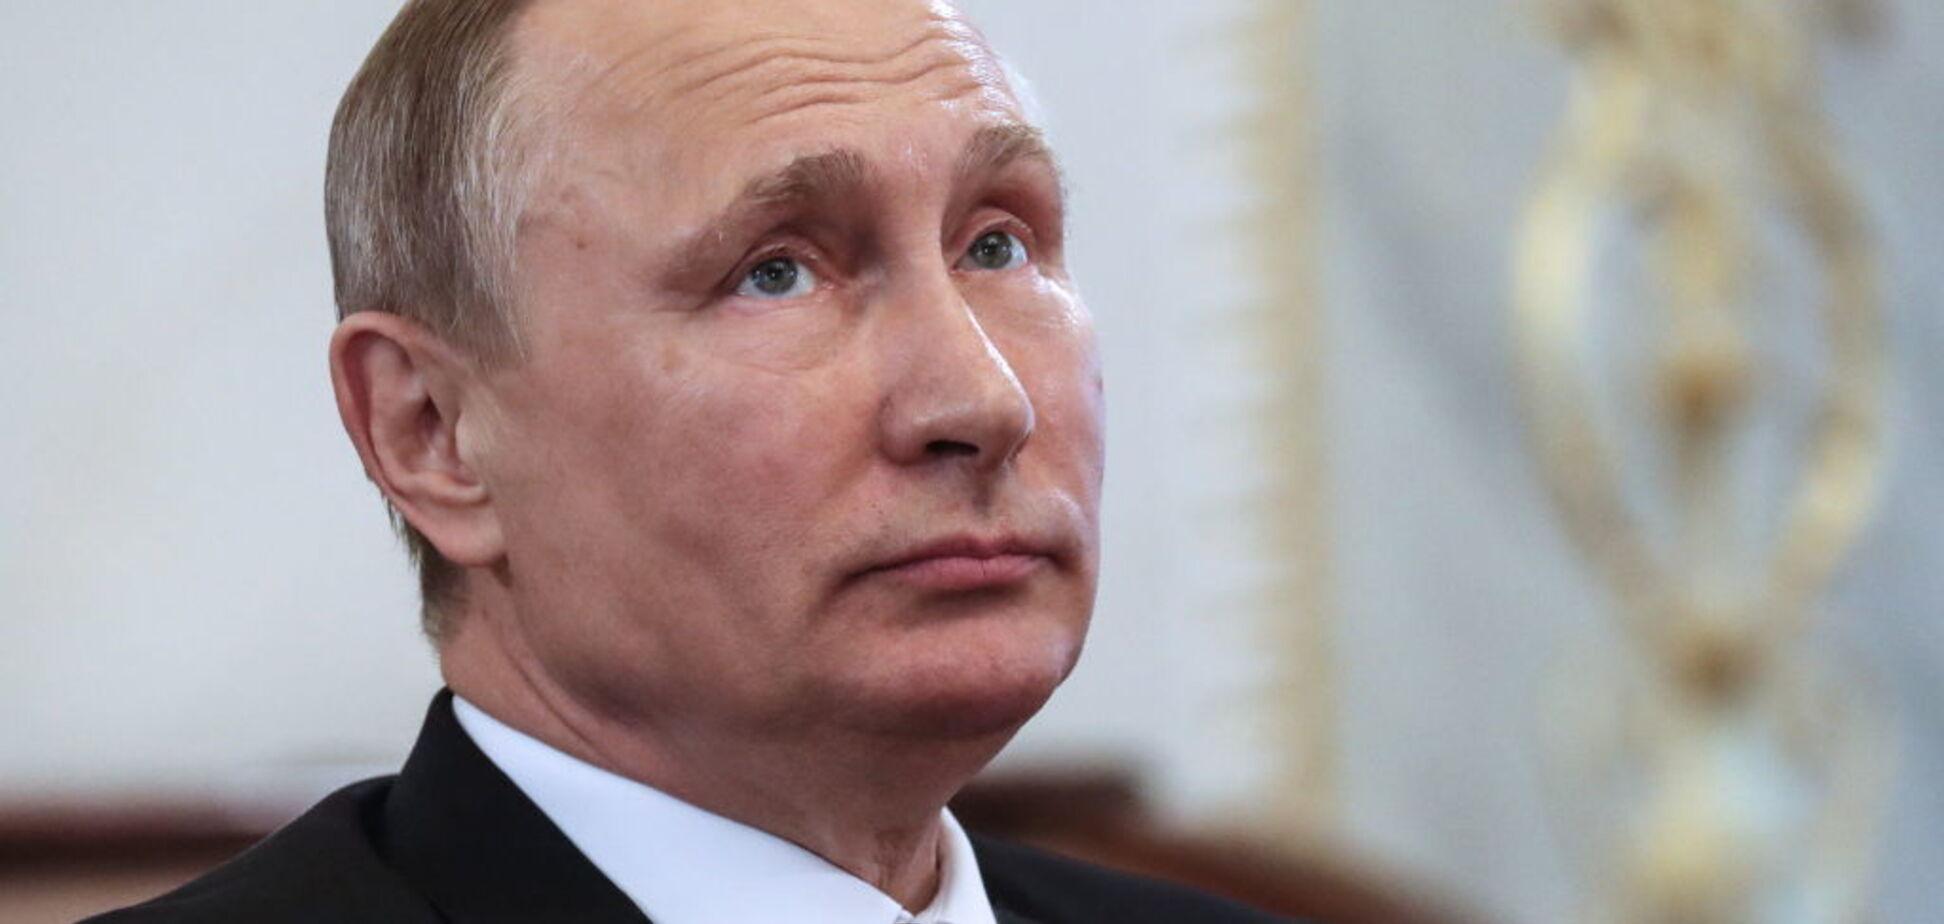 ''Безбожный проект'': Путин едко высказался об автокефалии ПЦУ